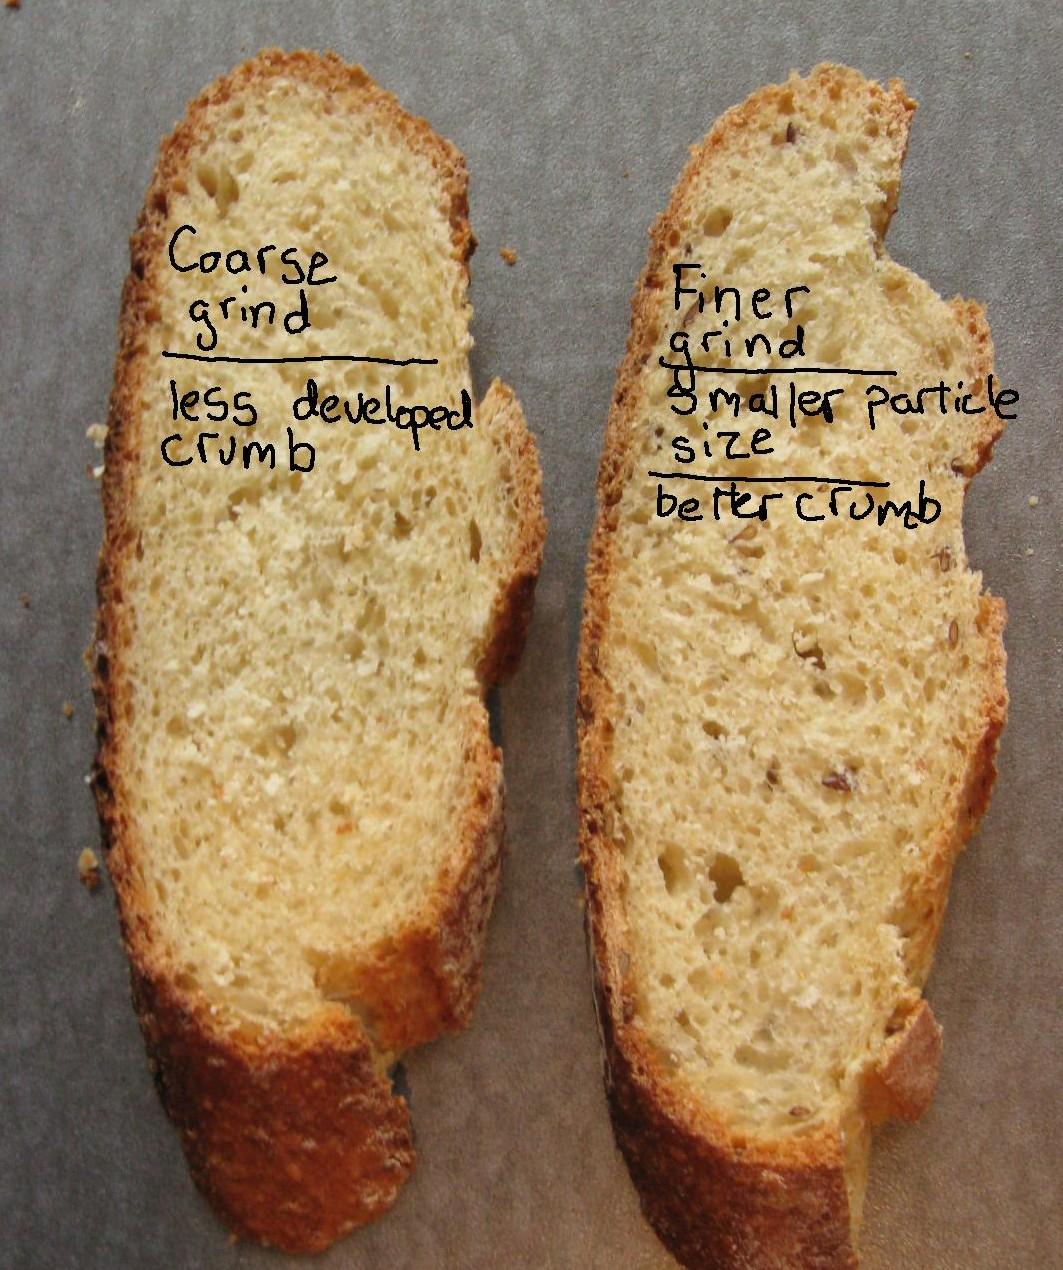 Flour particle size expt.